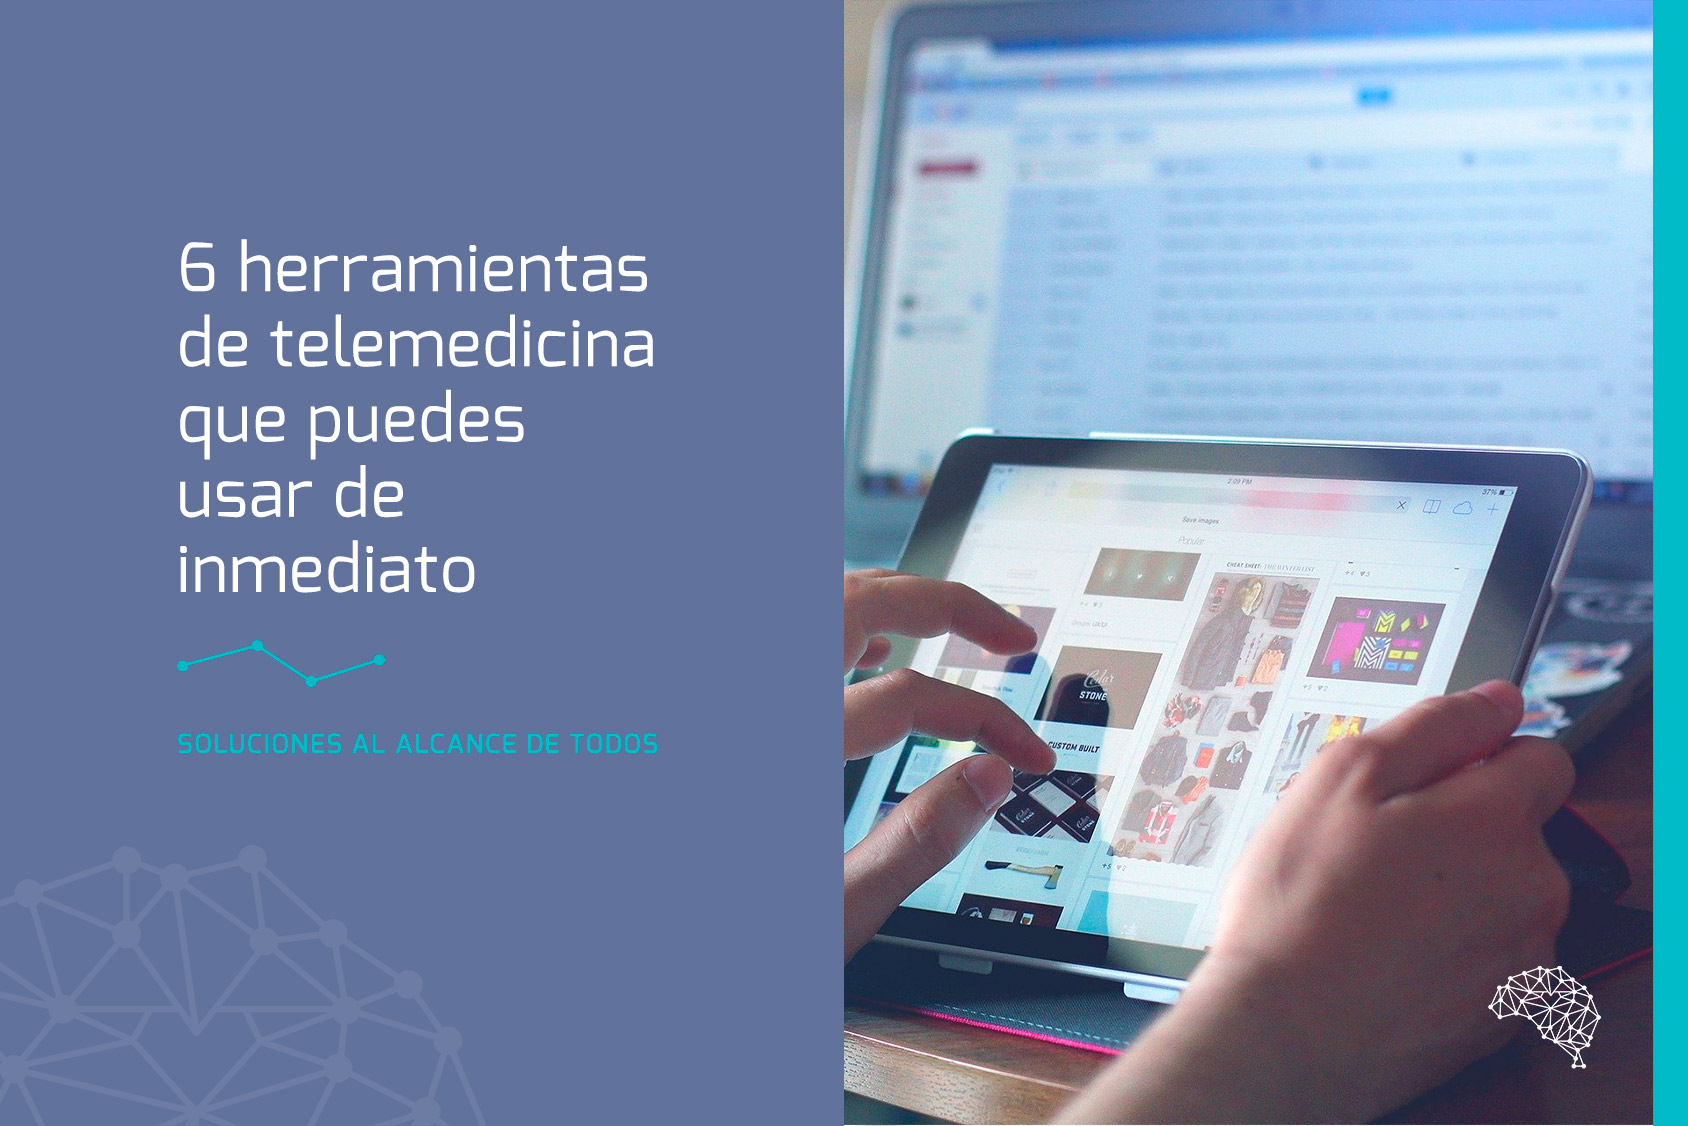 herramientas de telemedicin